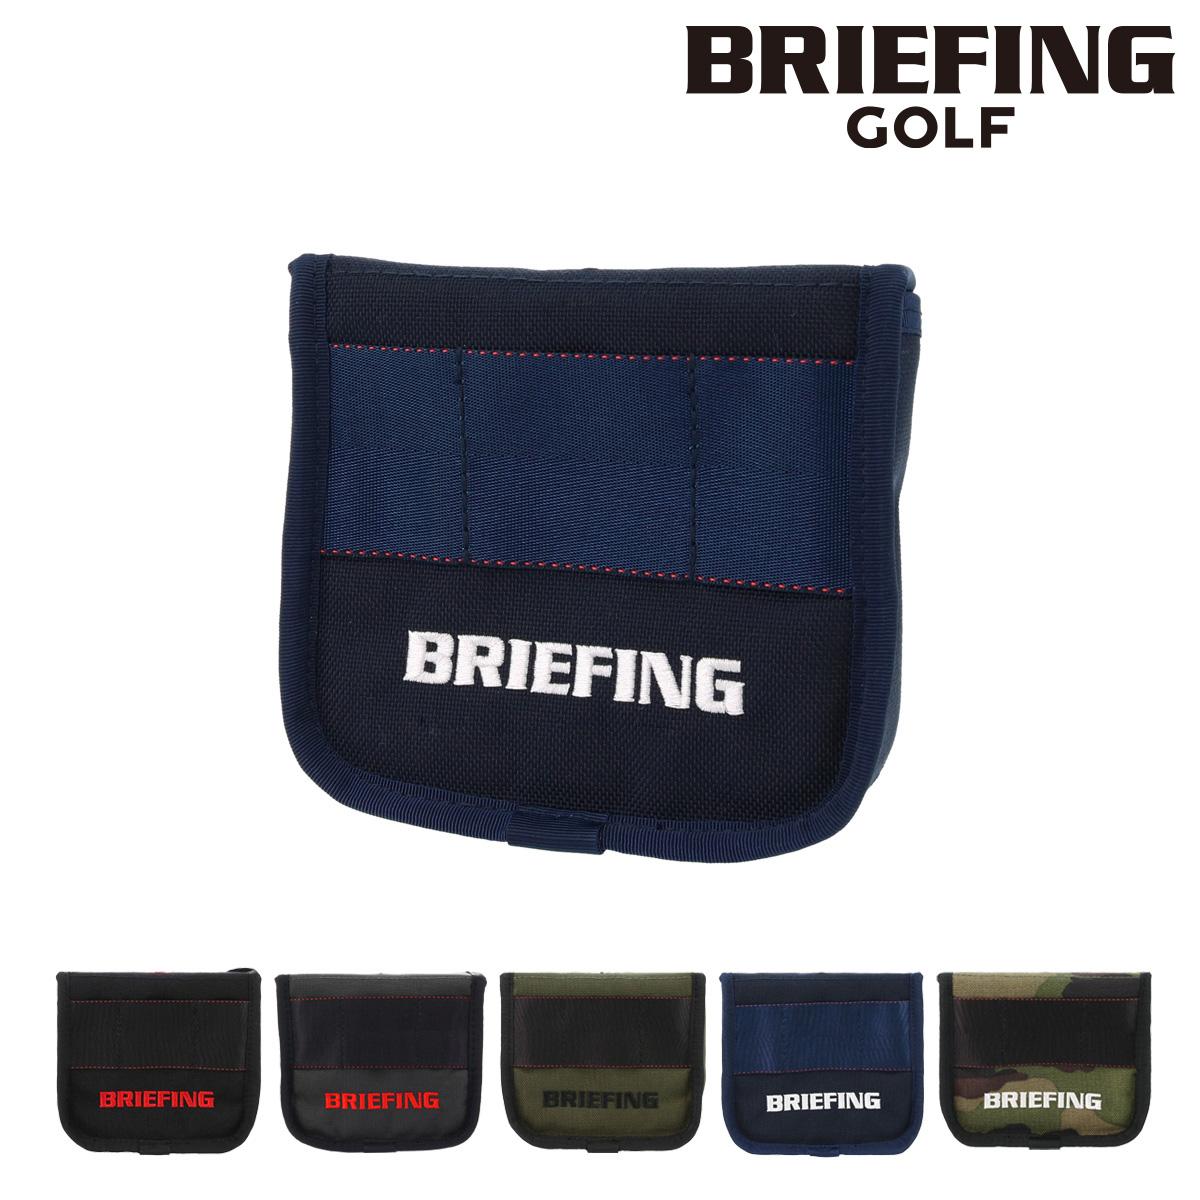 送料無料 あす楽 配送員設置送料無料 ブリーフィング ゴルフ パターカバー メンズ 実物 PO10 BRG193G55 マレットタイプ bef BRIEFING 即日発送